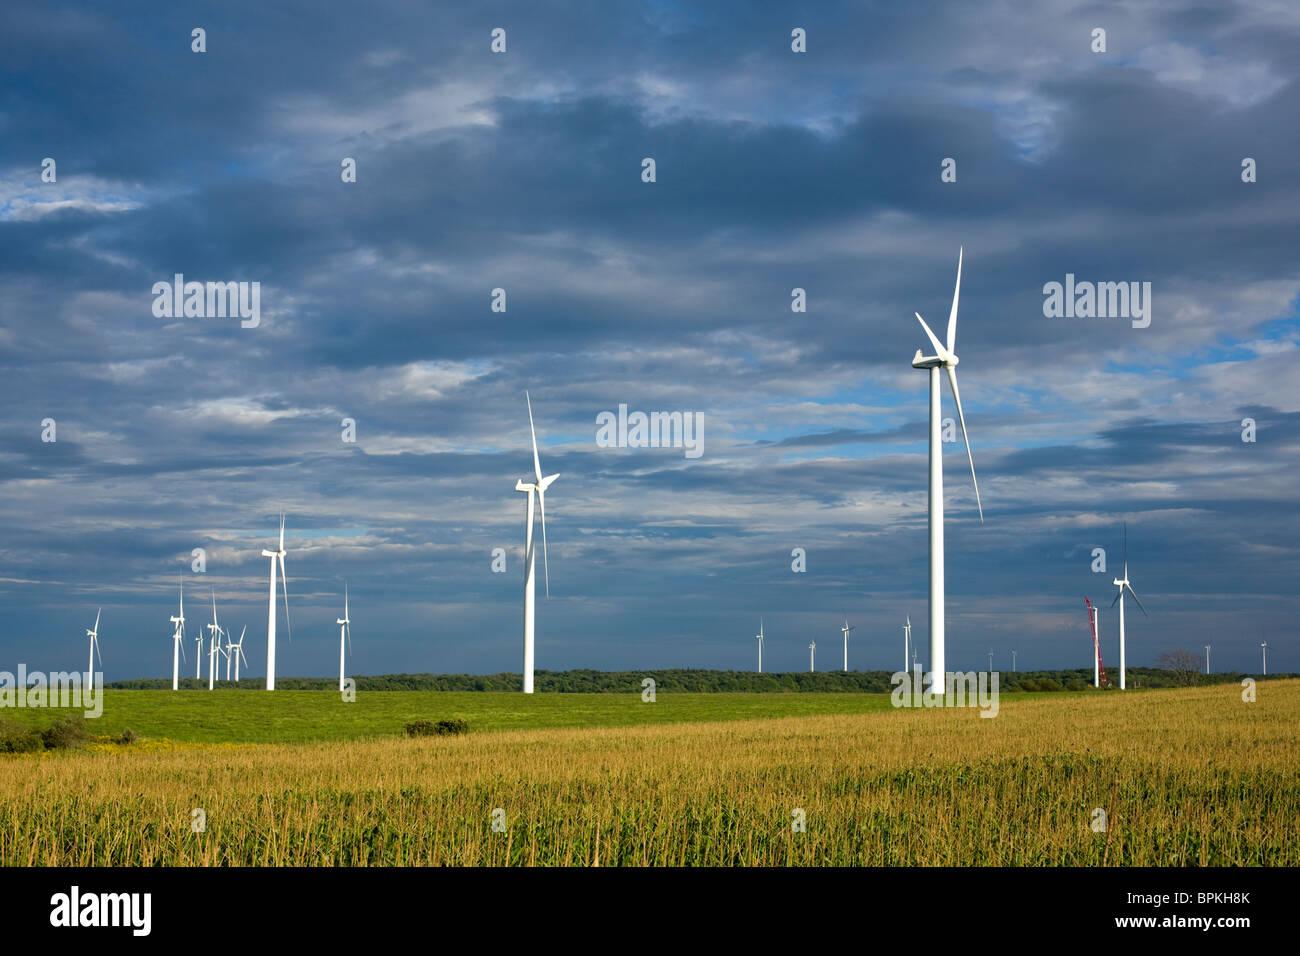 Las turbinas eólicas de Tug Hill Plateau, el mayor proyecto de energía eólica en el Estado de Nueva Imagen De Stock